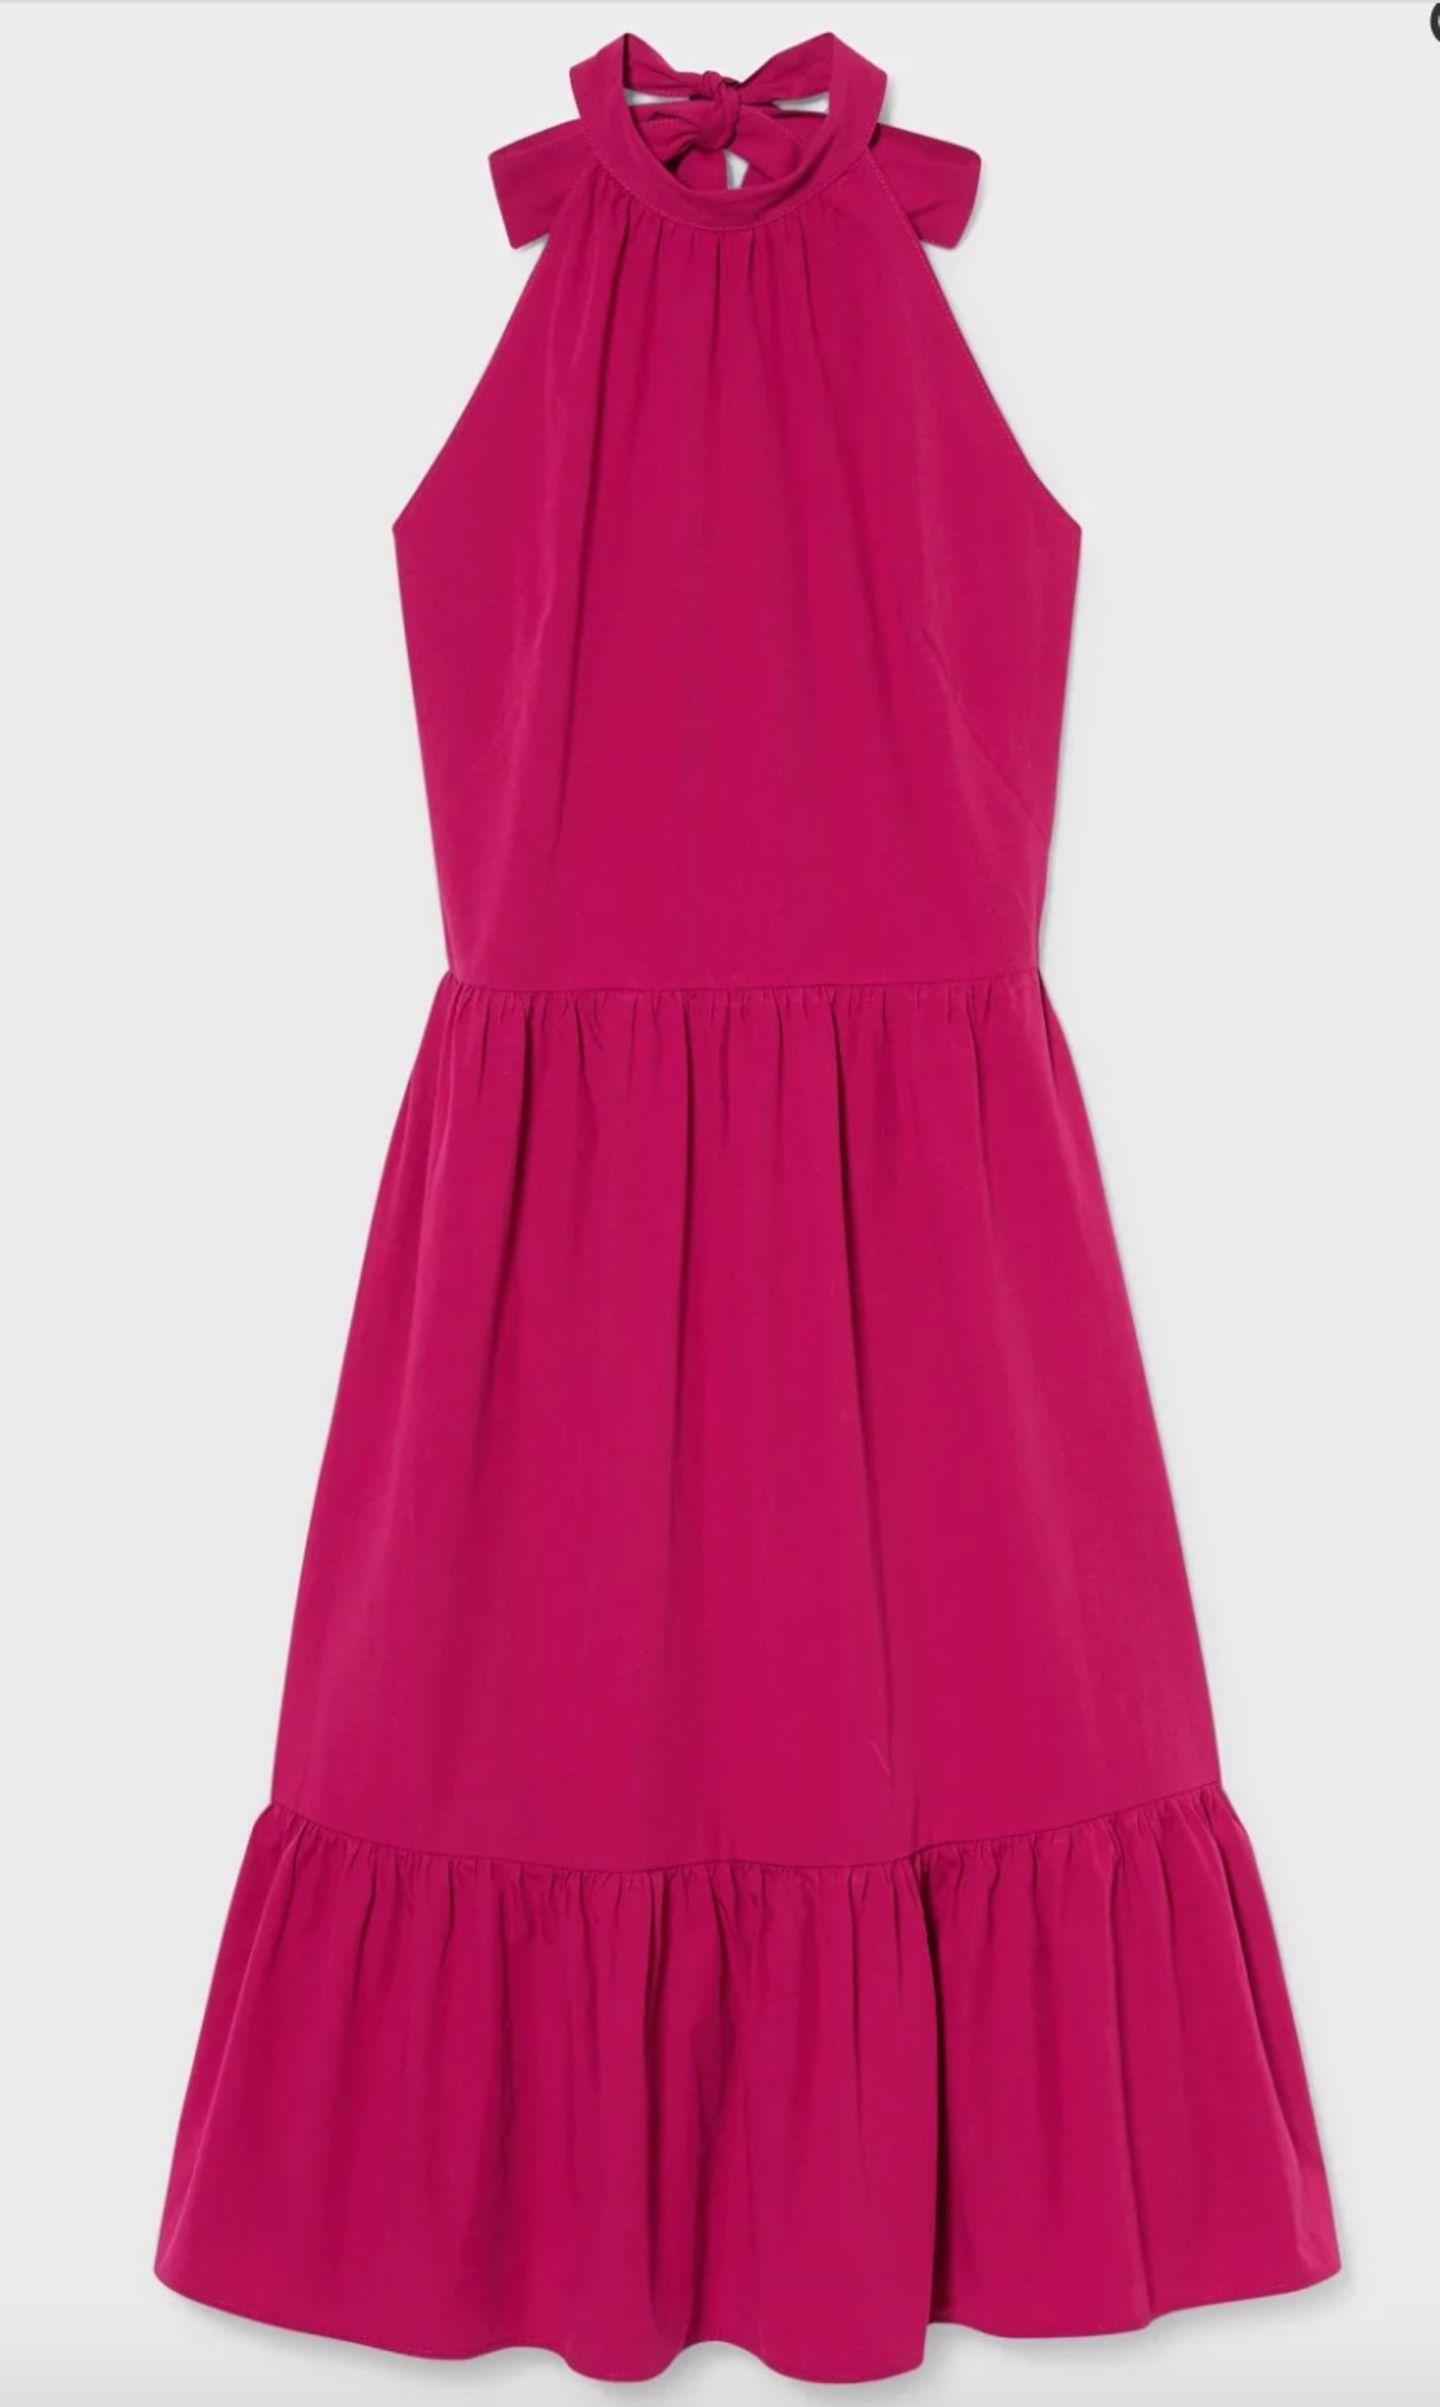 Ein Kleid, das garantiert binnen kürzester Zeit Favoriten-Status in deinem Kleiderschrank genießt.Vor allem der tolle Neckholder-Auschnitt machen dieses pinkfarbene Dress aus Bio-Baumwolle zu einem echten Hingucker. Von C&A, um 40 Euro.